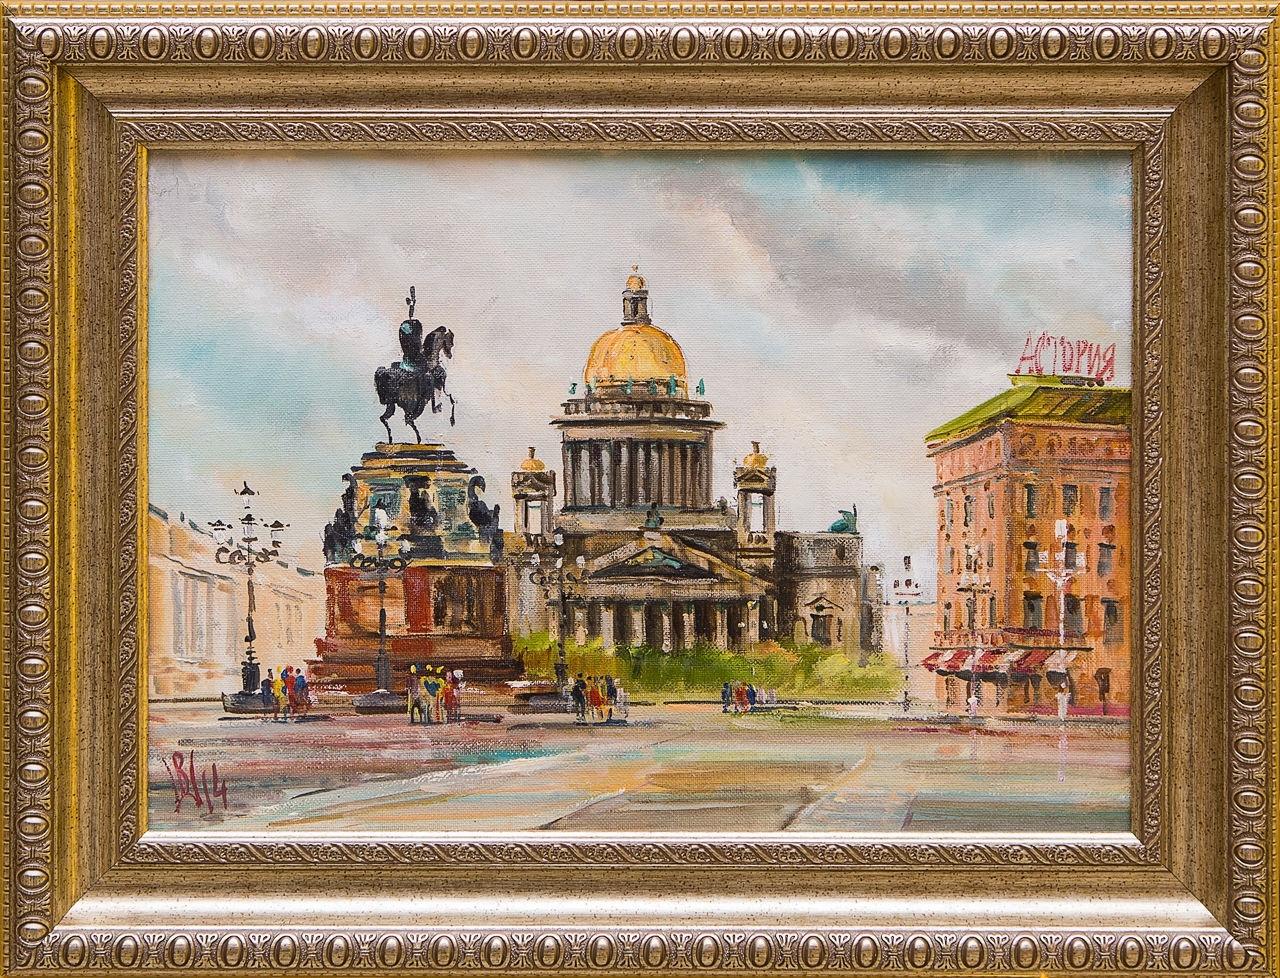 Картина маслом Исаакиевский собор Шеренкова картина маслом шумный город шеренкова